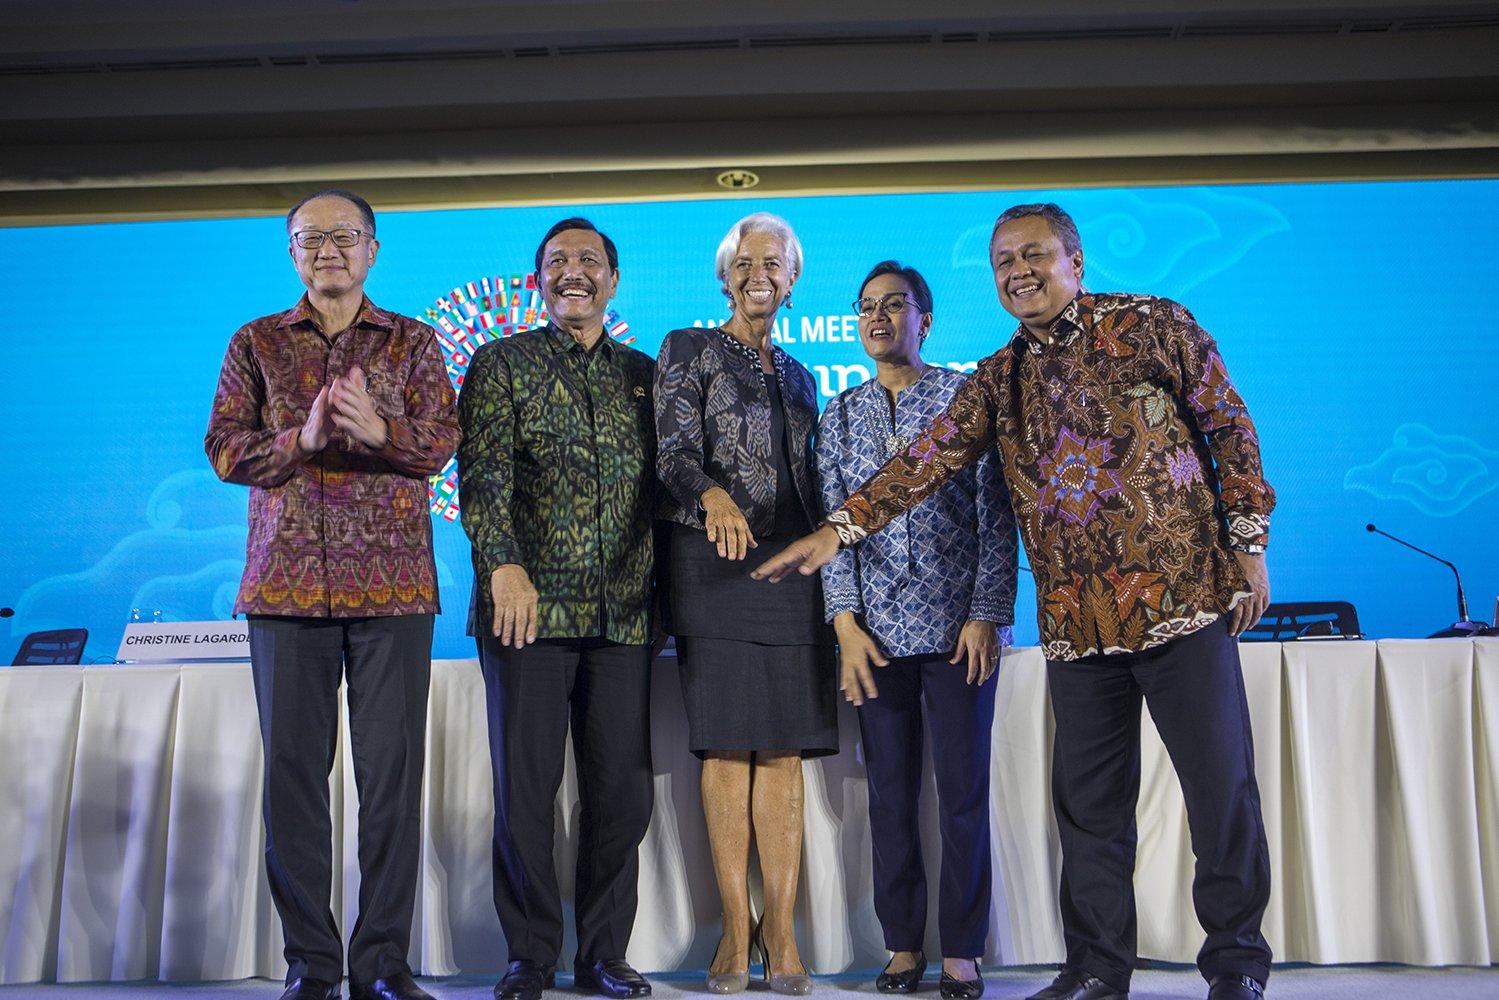 Indonesia telah menaikkan standar tinggi atas keberhasilannya menyelenggarakan perhelatan Annual Meeting IMF-World BaNK 2018 di Bali.